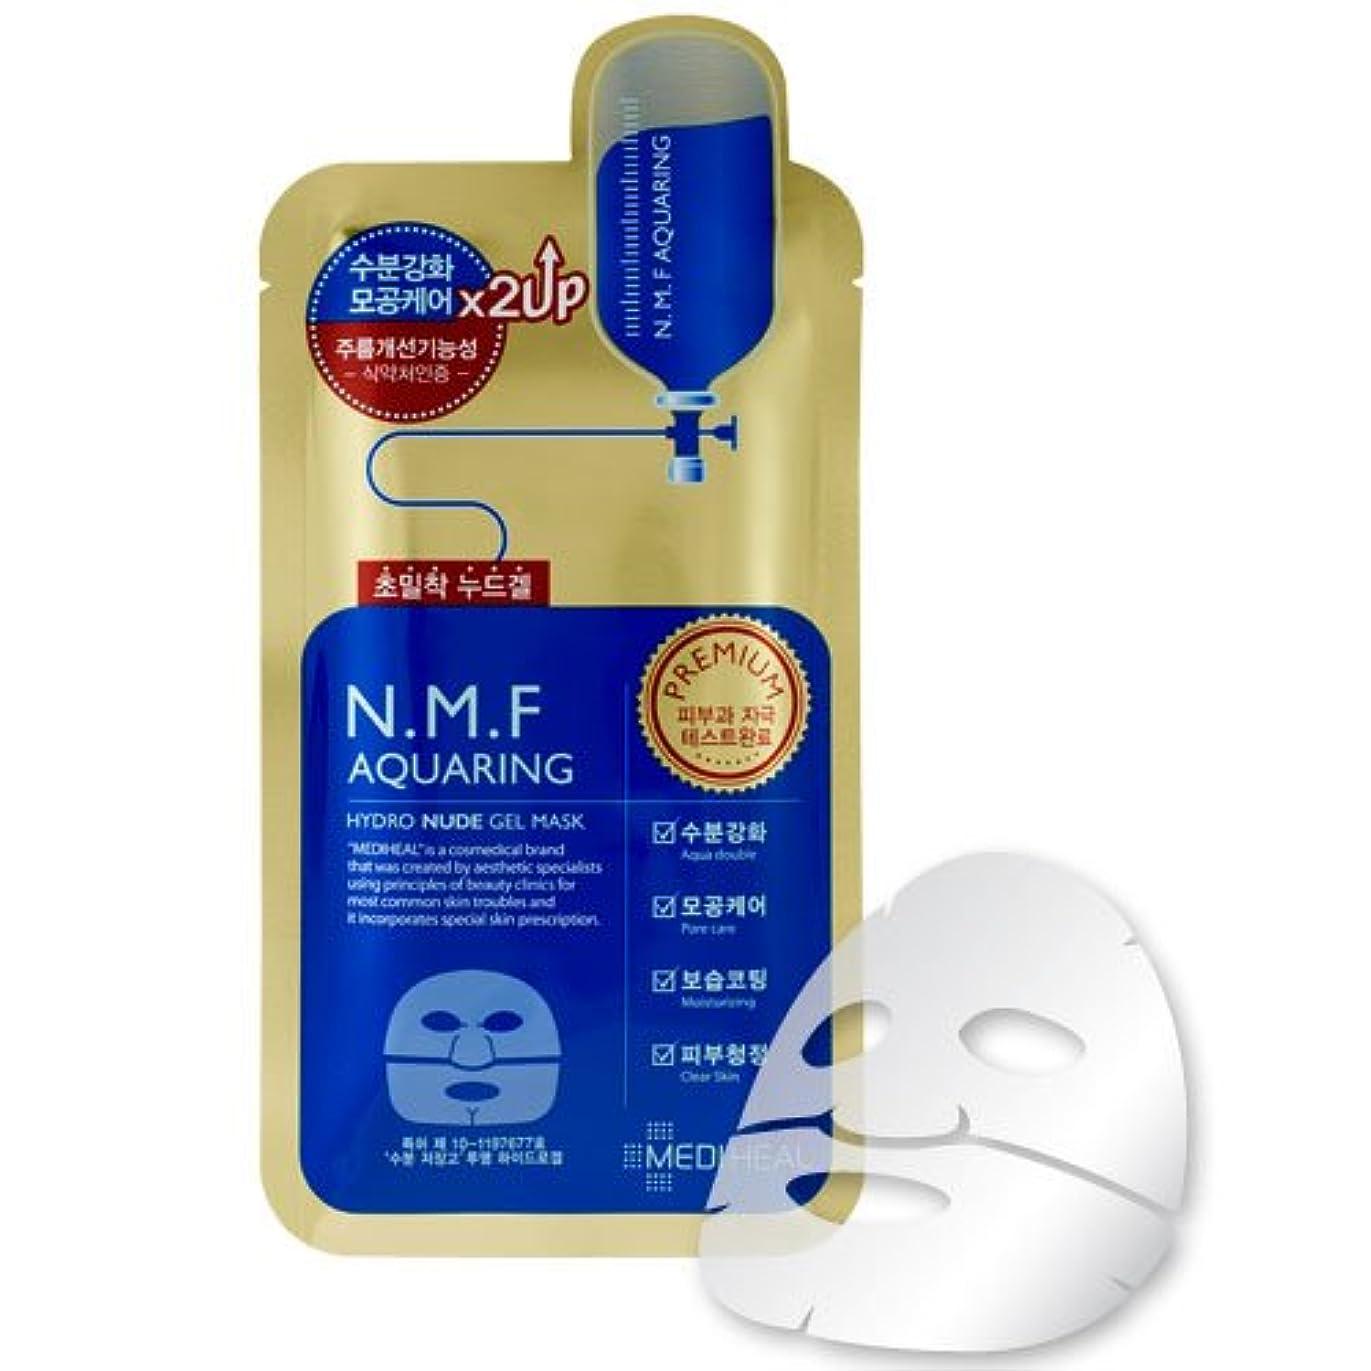 アウトドアチャンピオンピルファーメディヒール NMF アクアリング ヌード ゲルマスク 1P [海外直送品][並行輸入品]